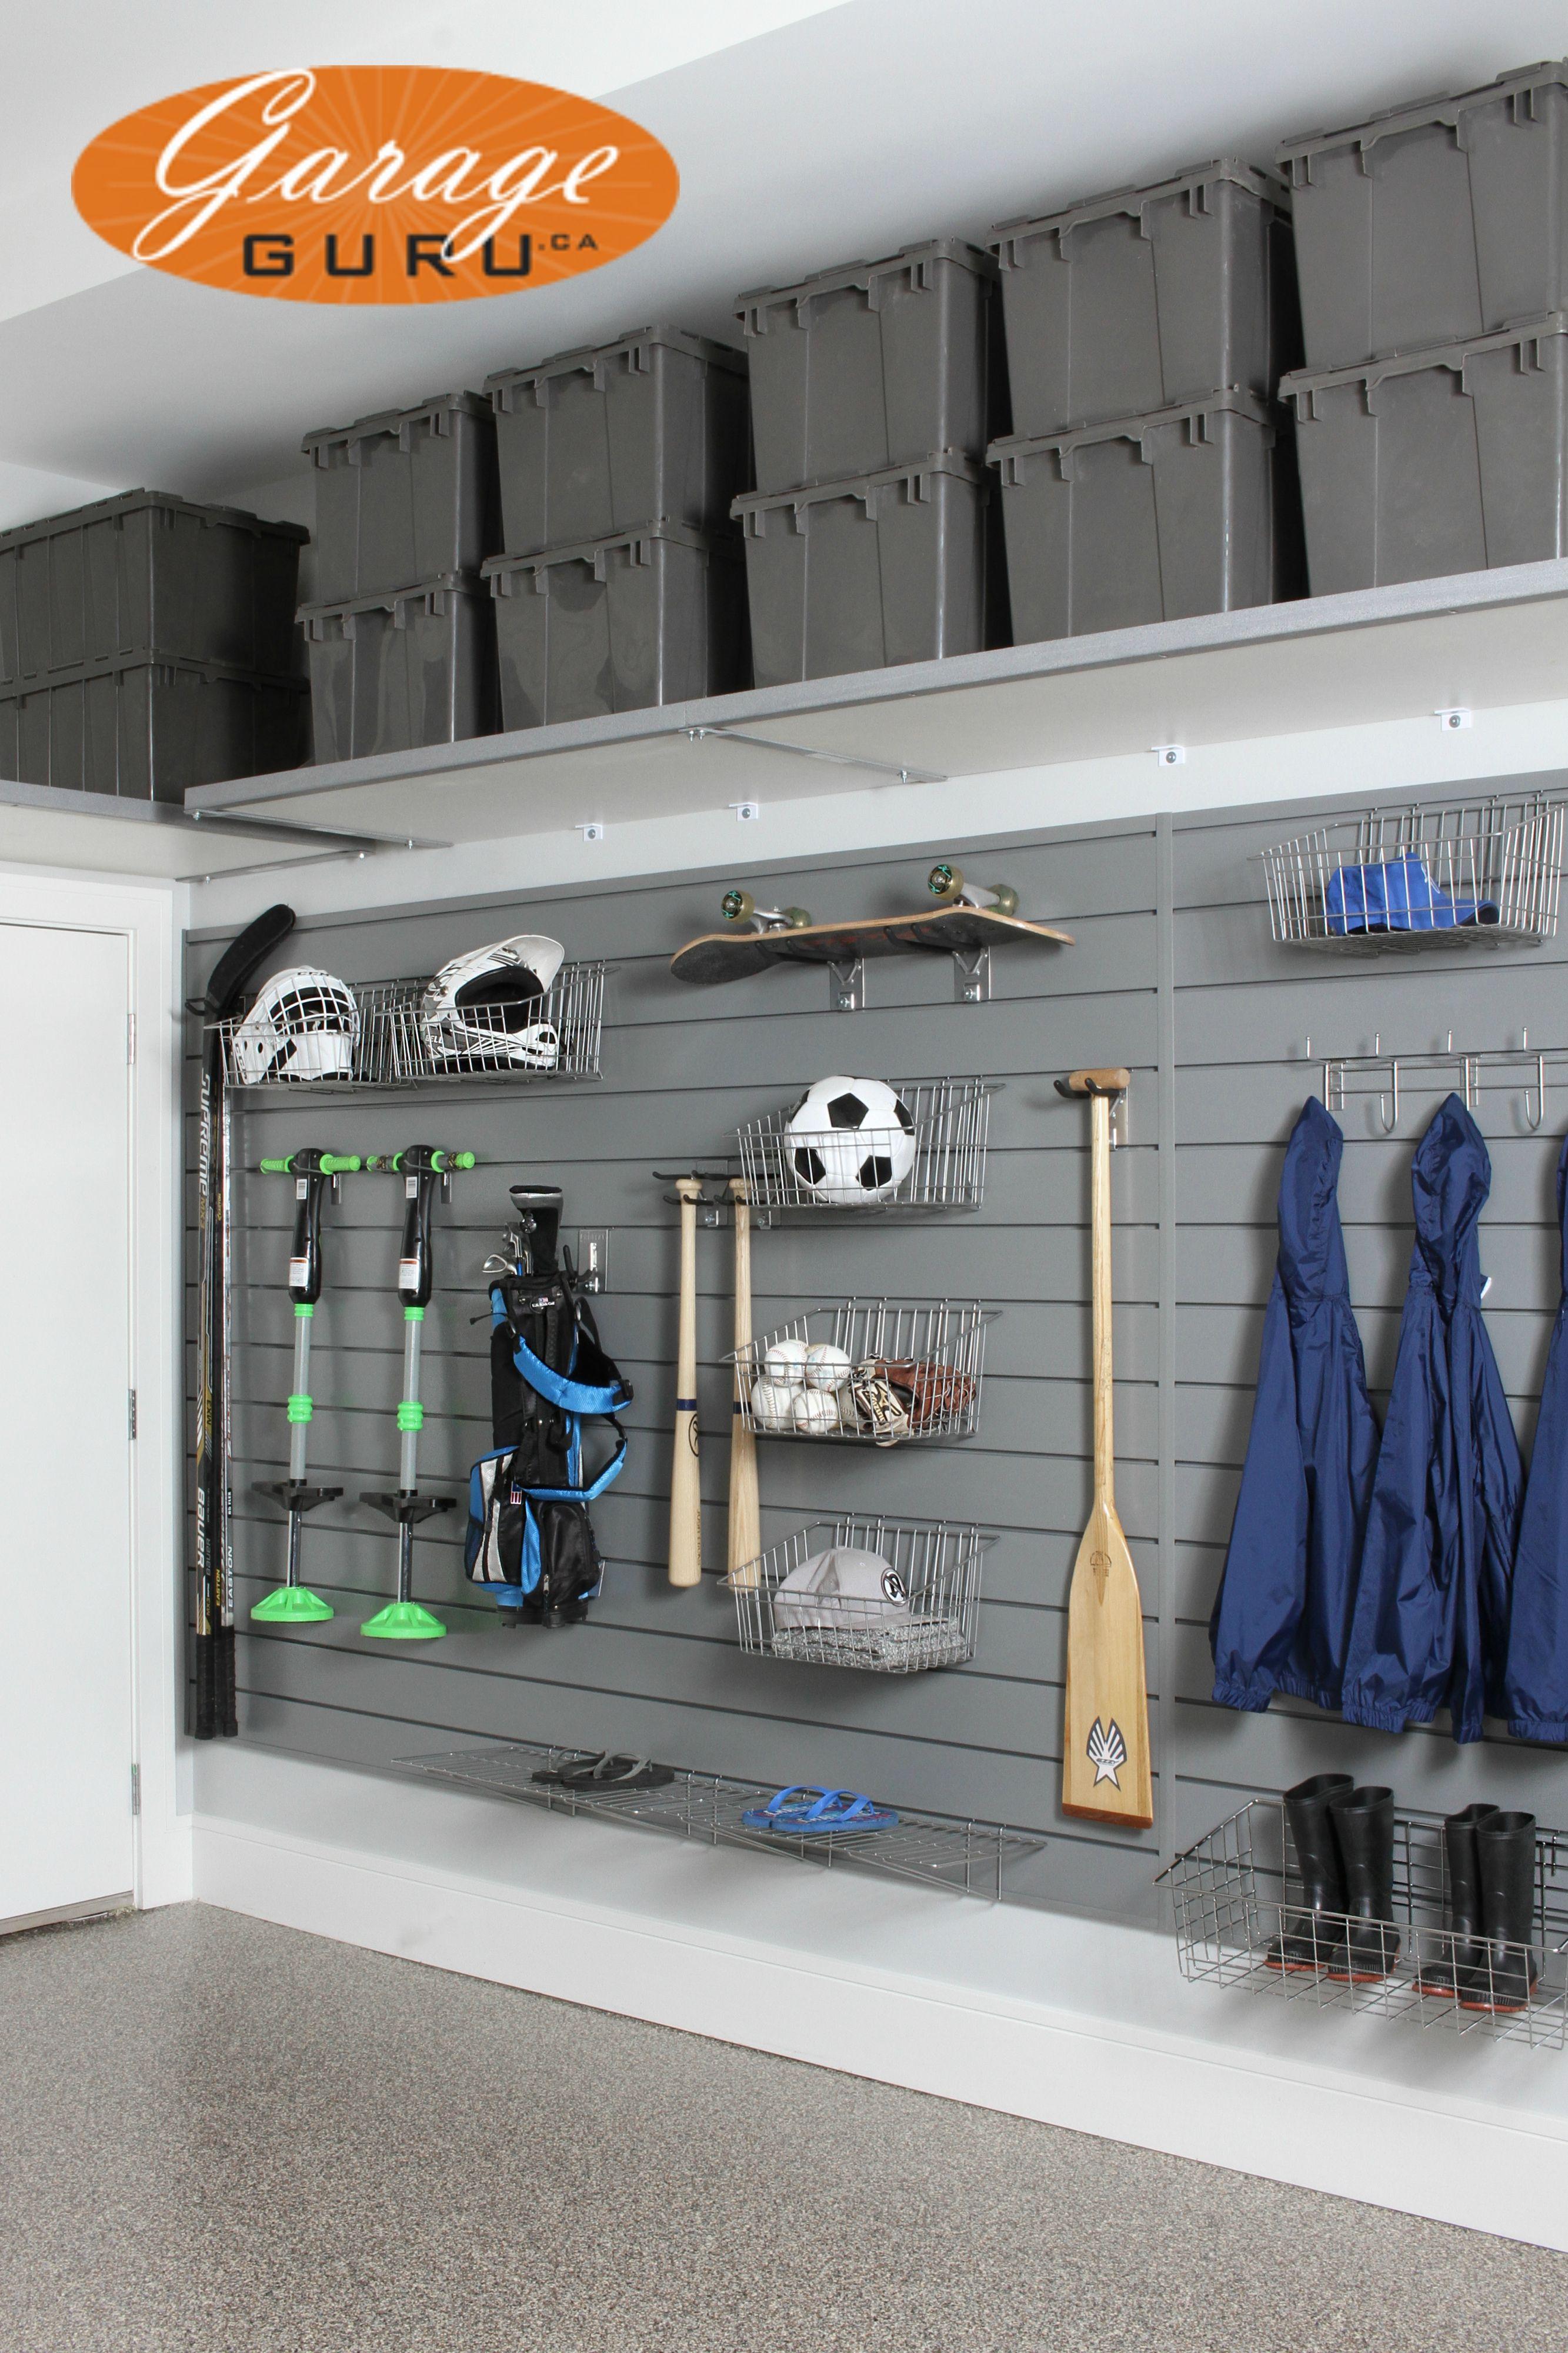 Garage Storage For Sports Gear Www Garageguru Ca